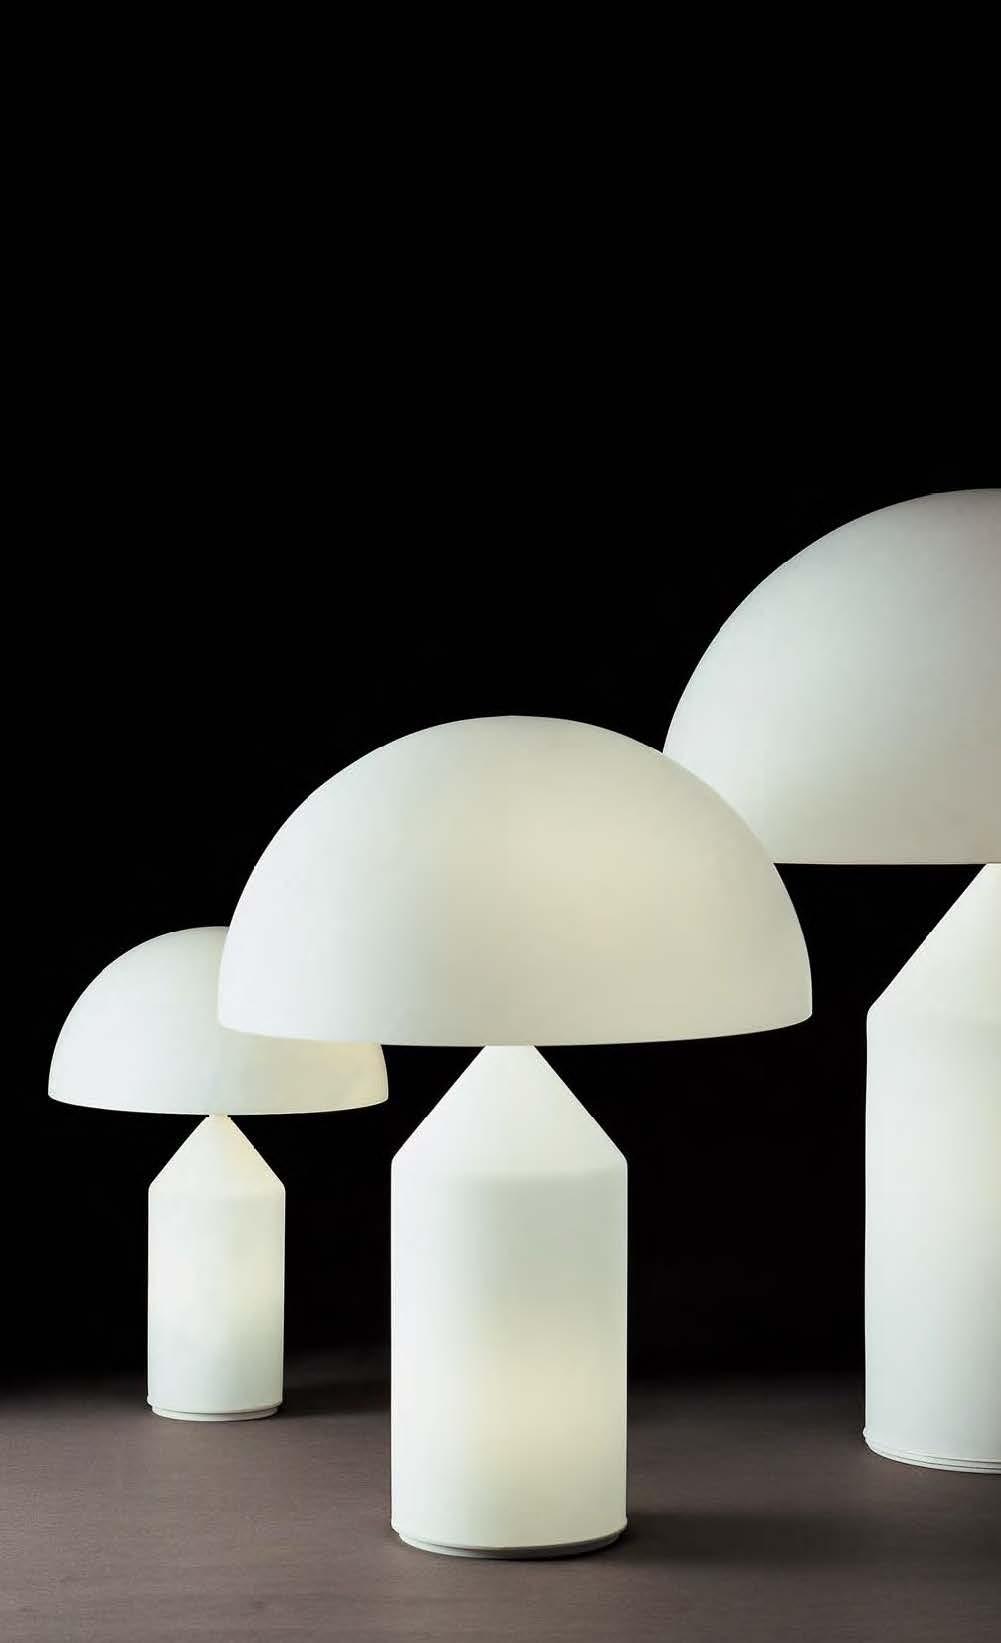 Oluce Atollo 237 Table Lamp Deplain Com